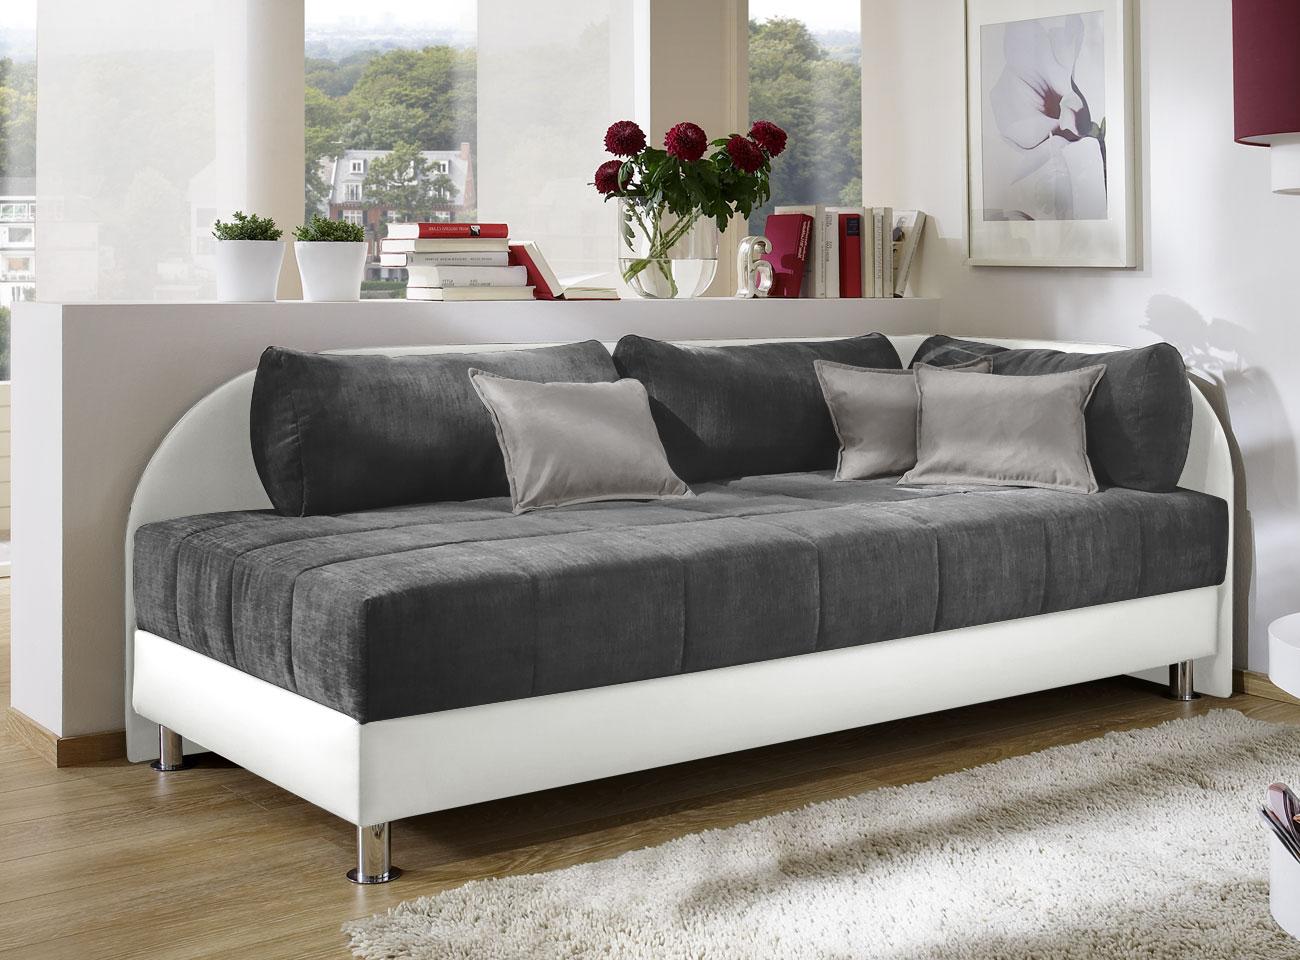 Schlafcouch mit bettkasten  Studioliege Enea - Polsterliege in 90x200cm mit Bettkasten